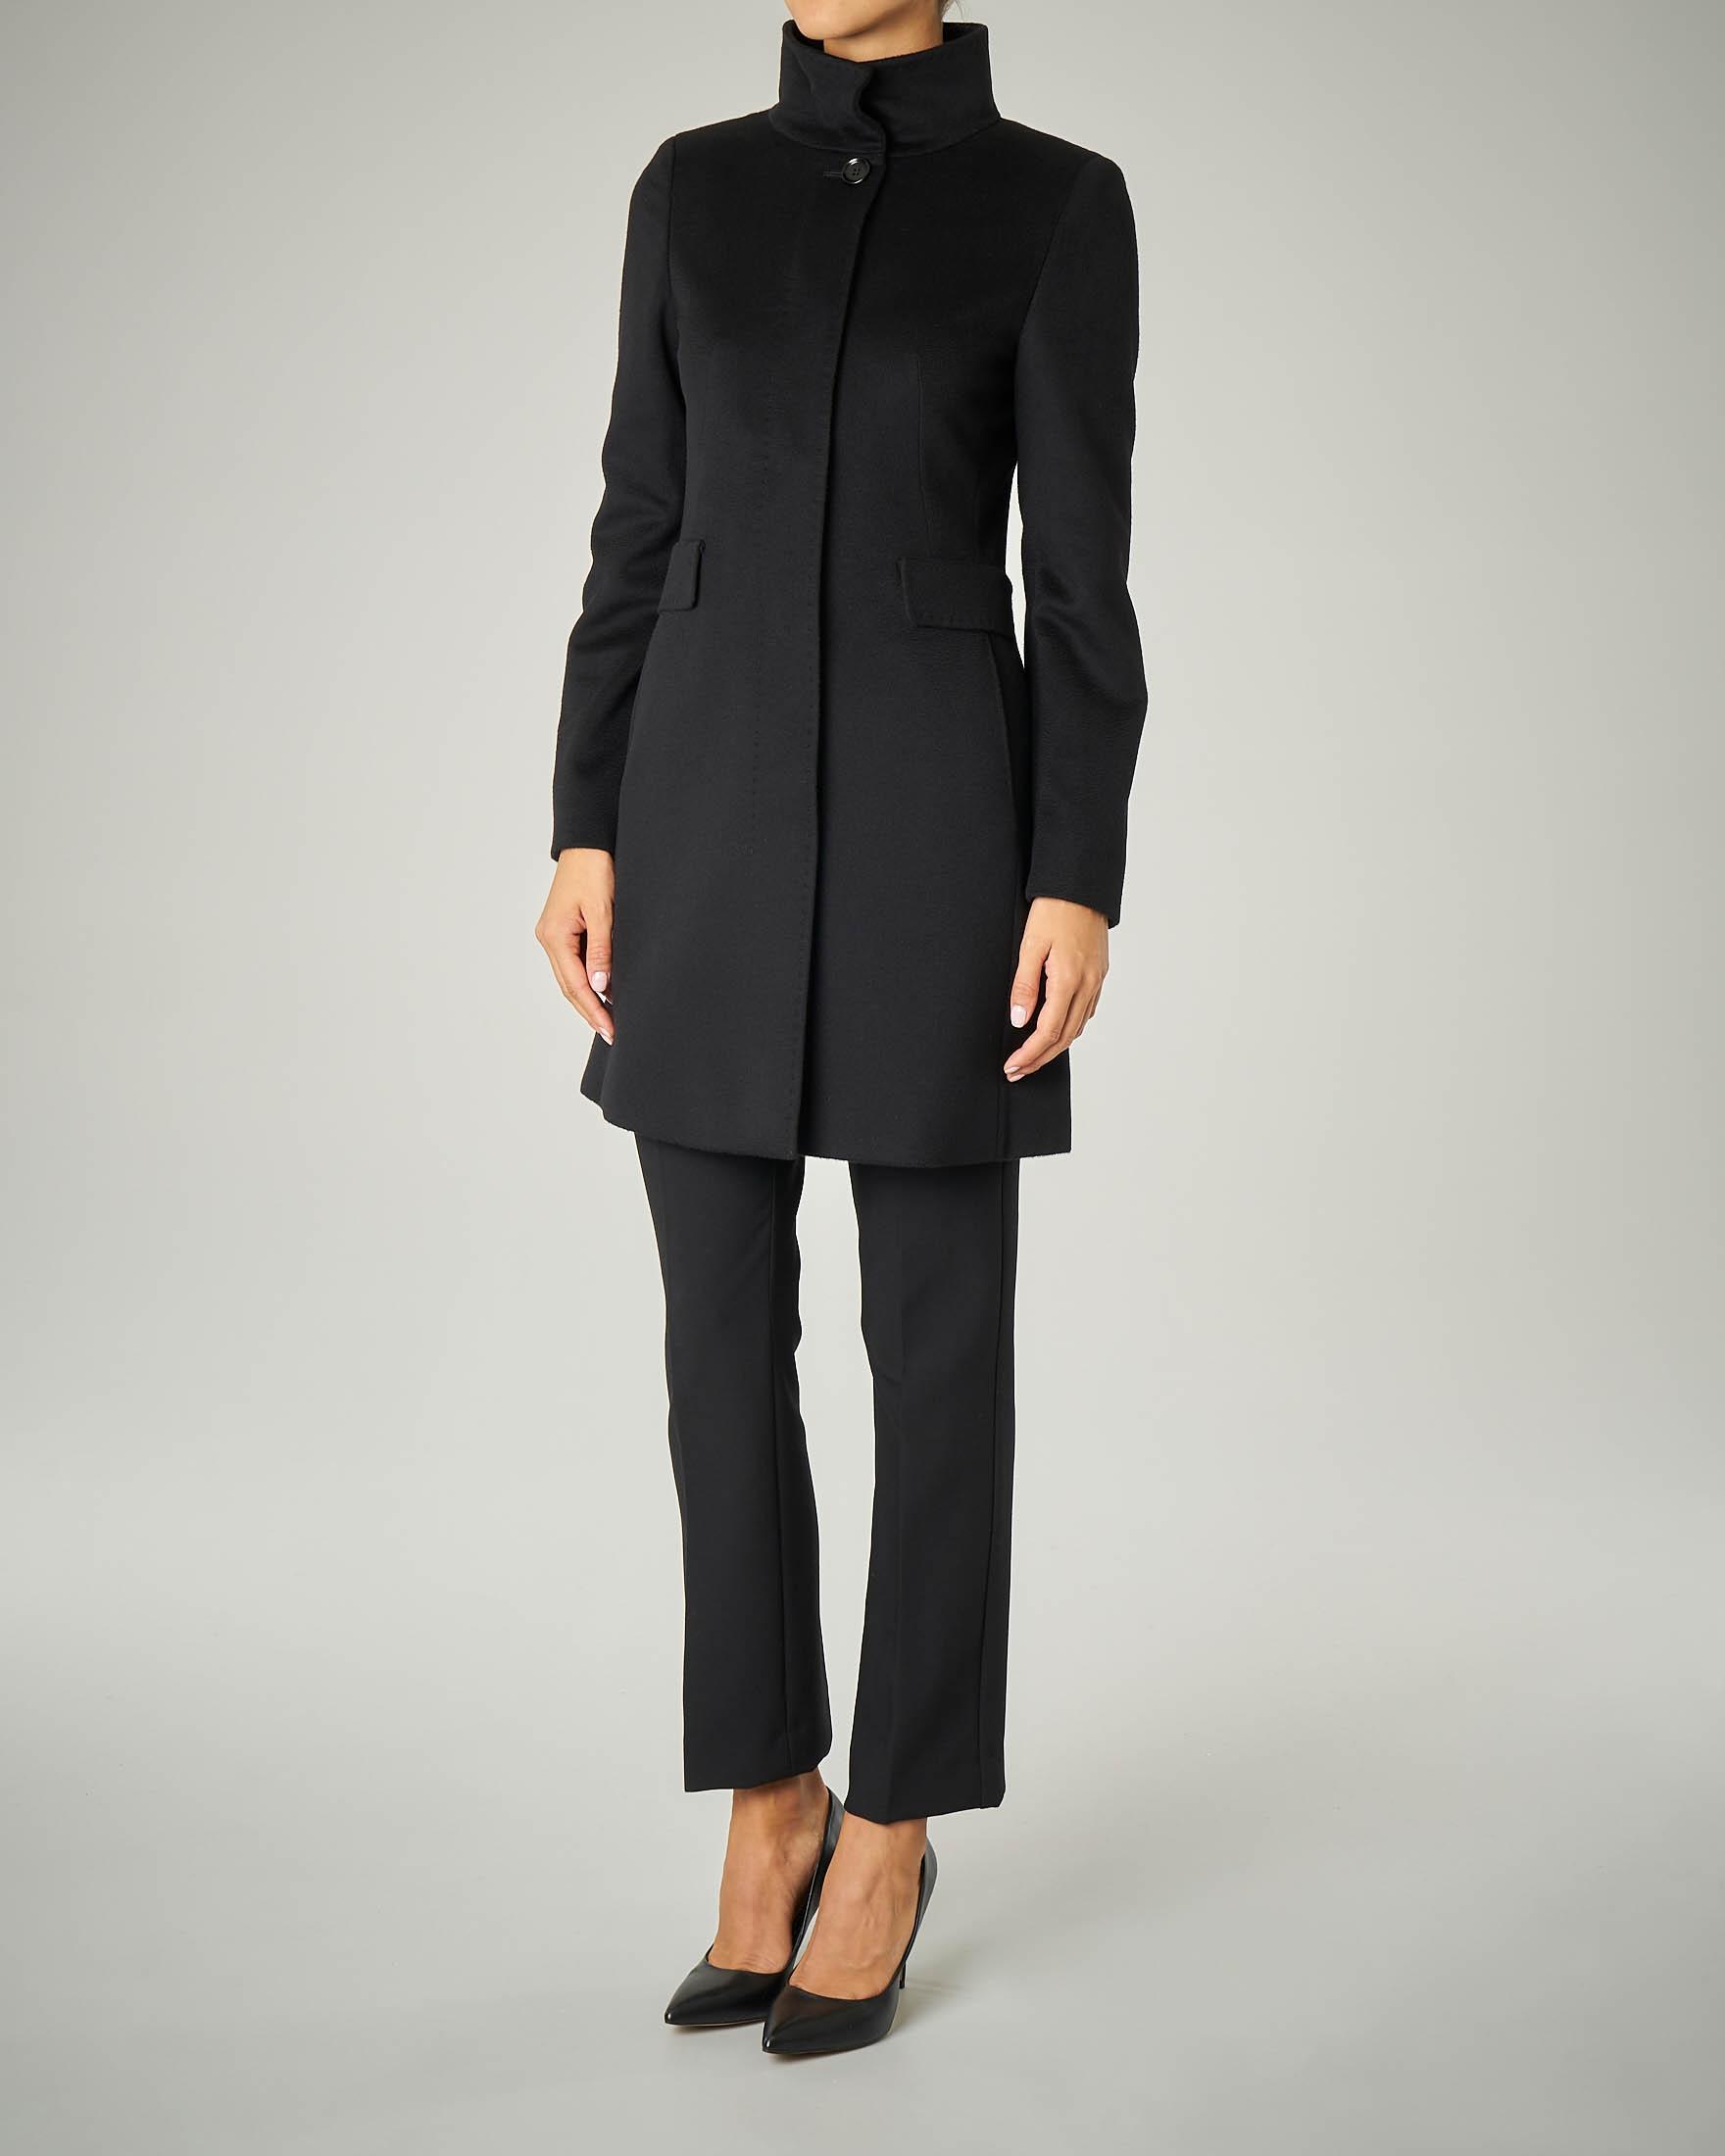 Cappotto nero sfiancato in pura lana